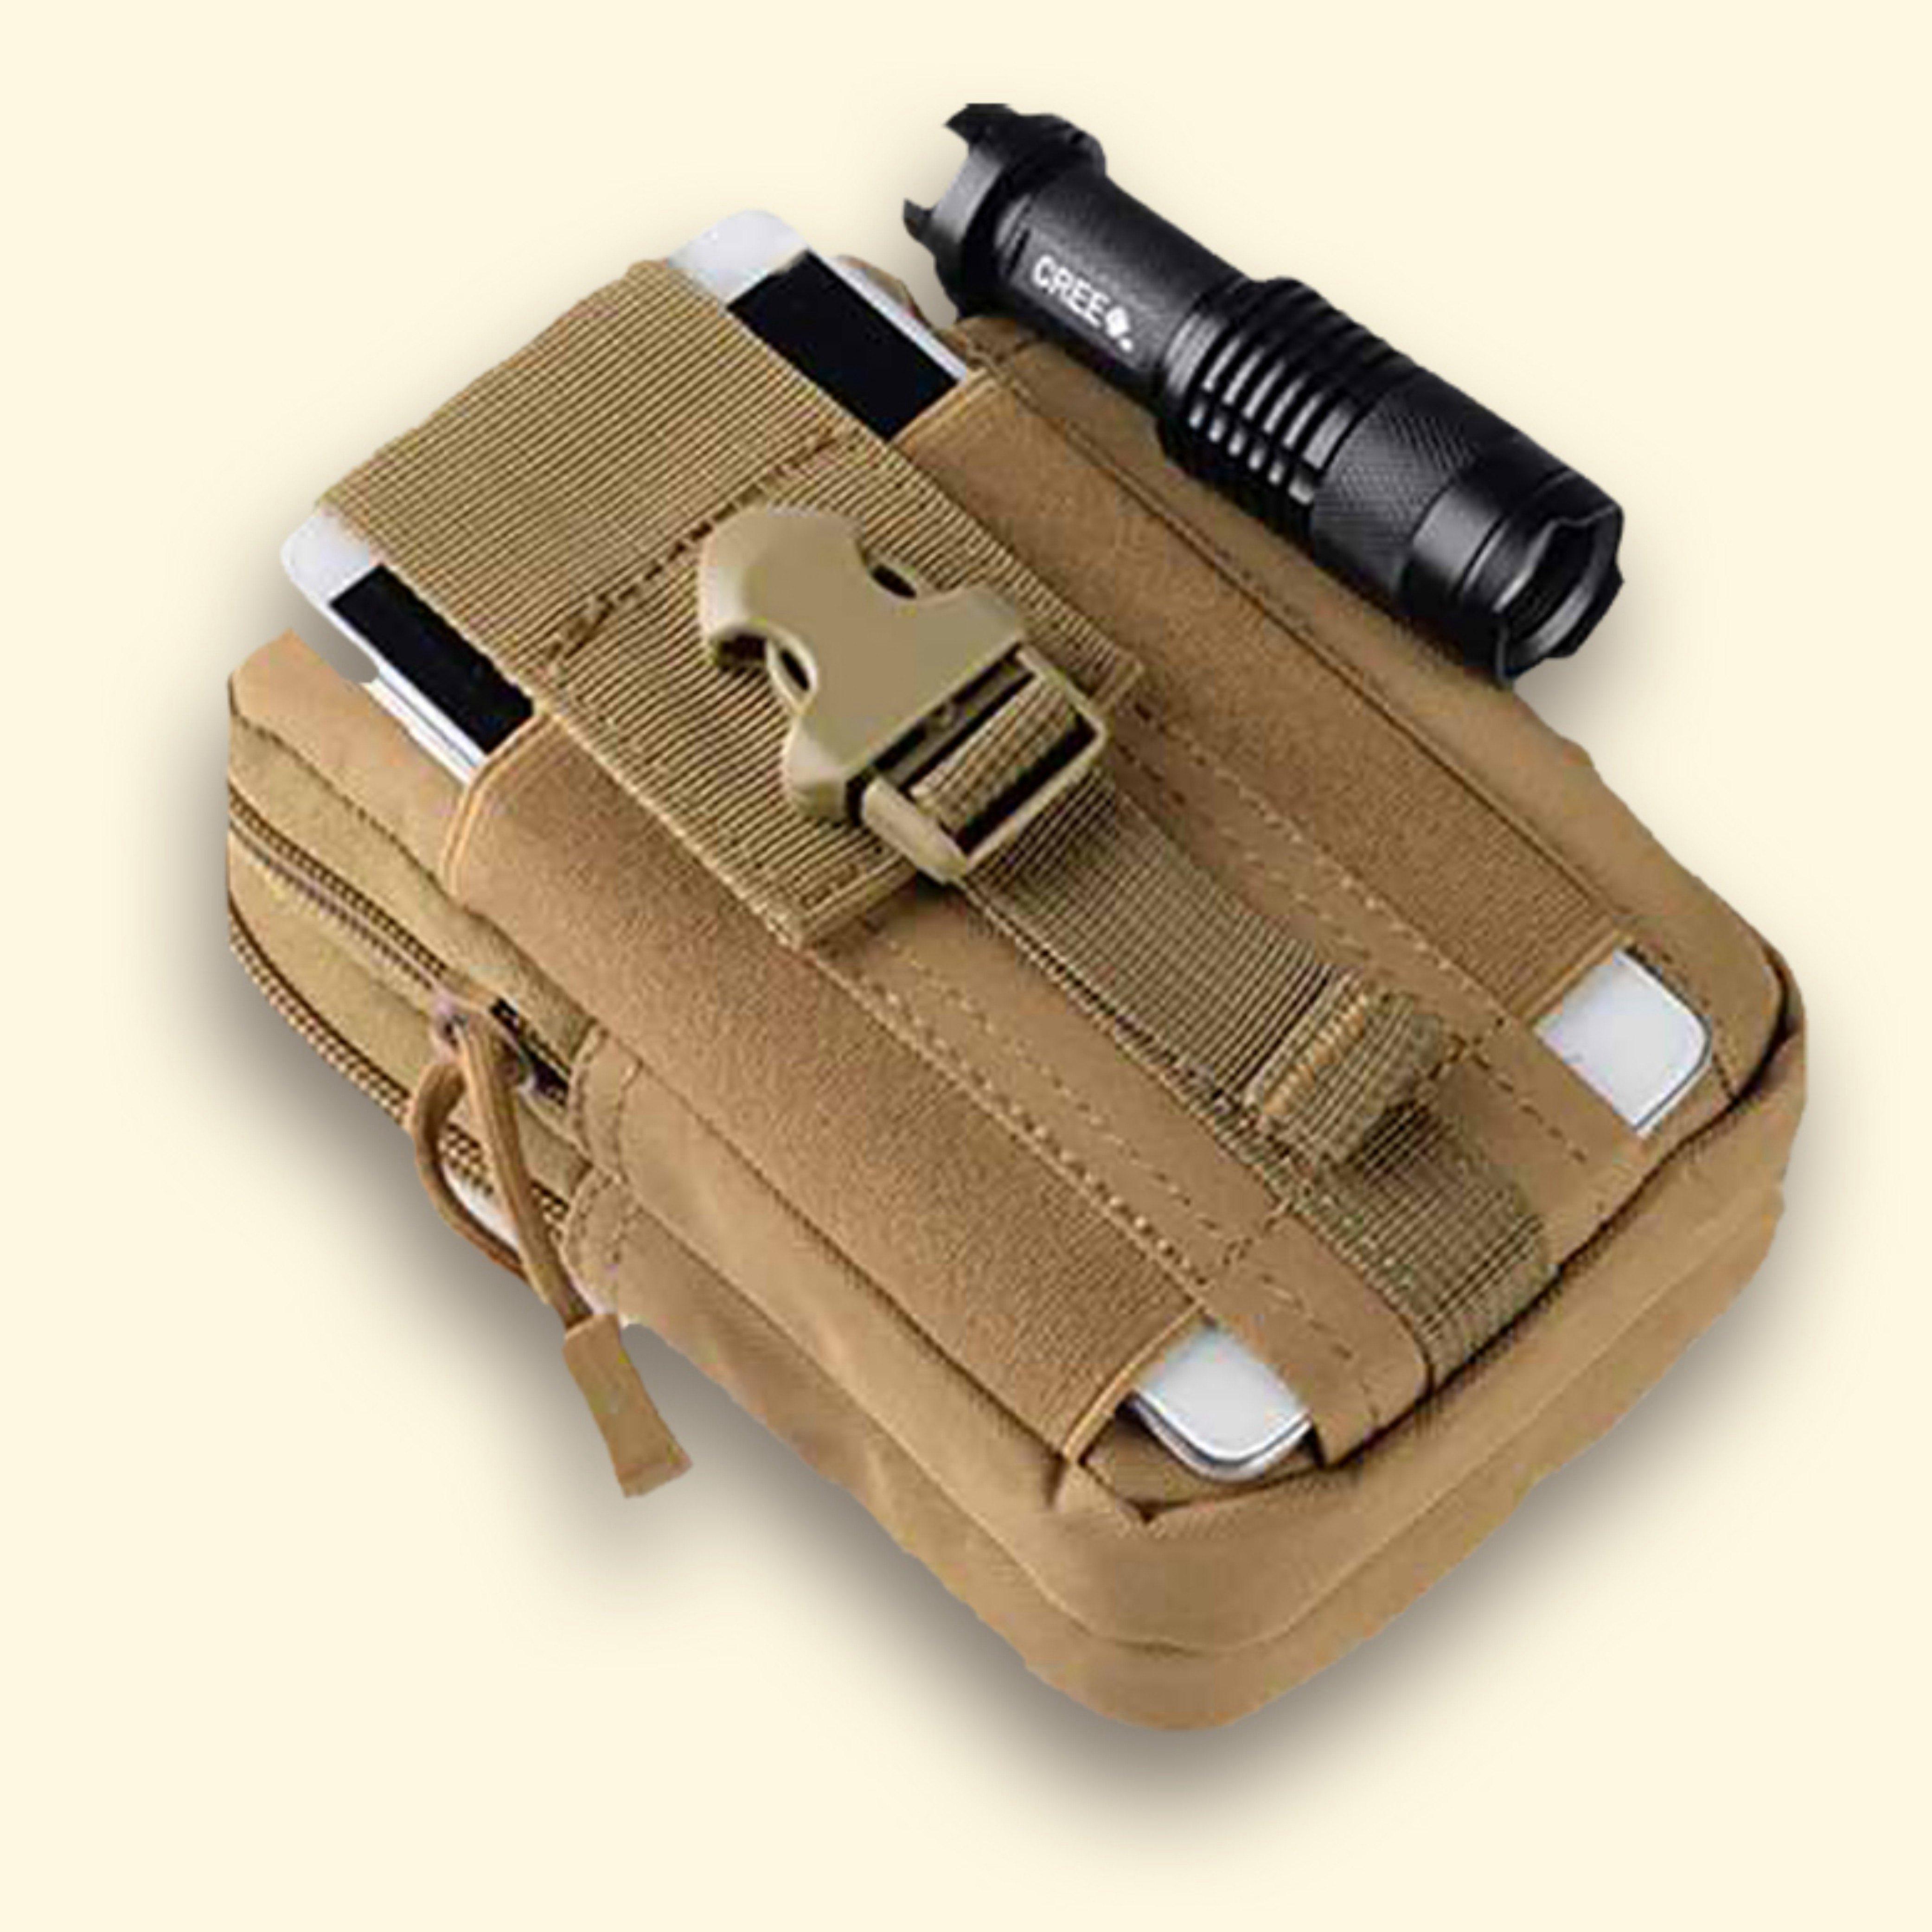 6.5寸手机包多功能双层穿皮带腰包男户外干活工人手机包运动挂包